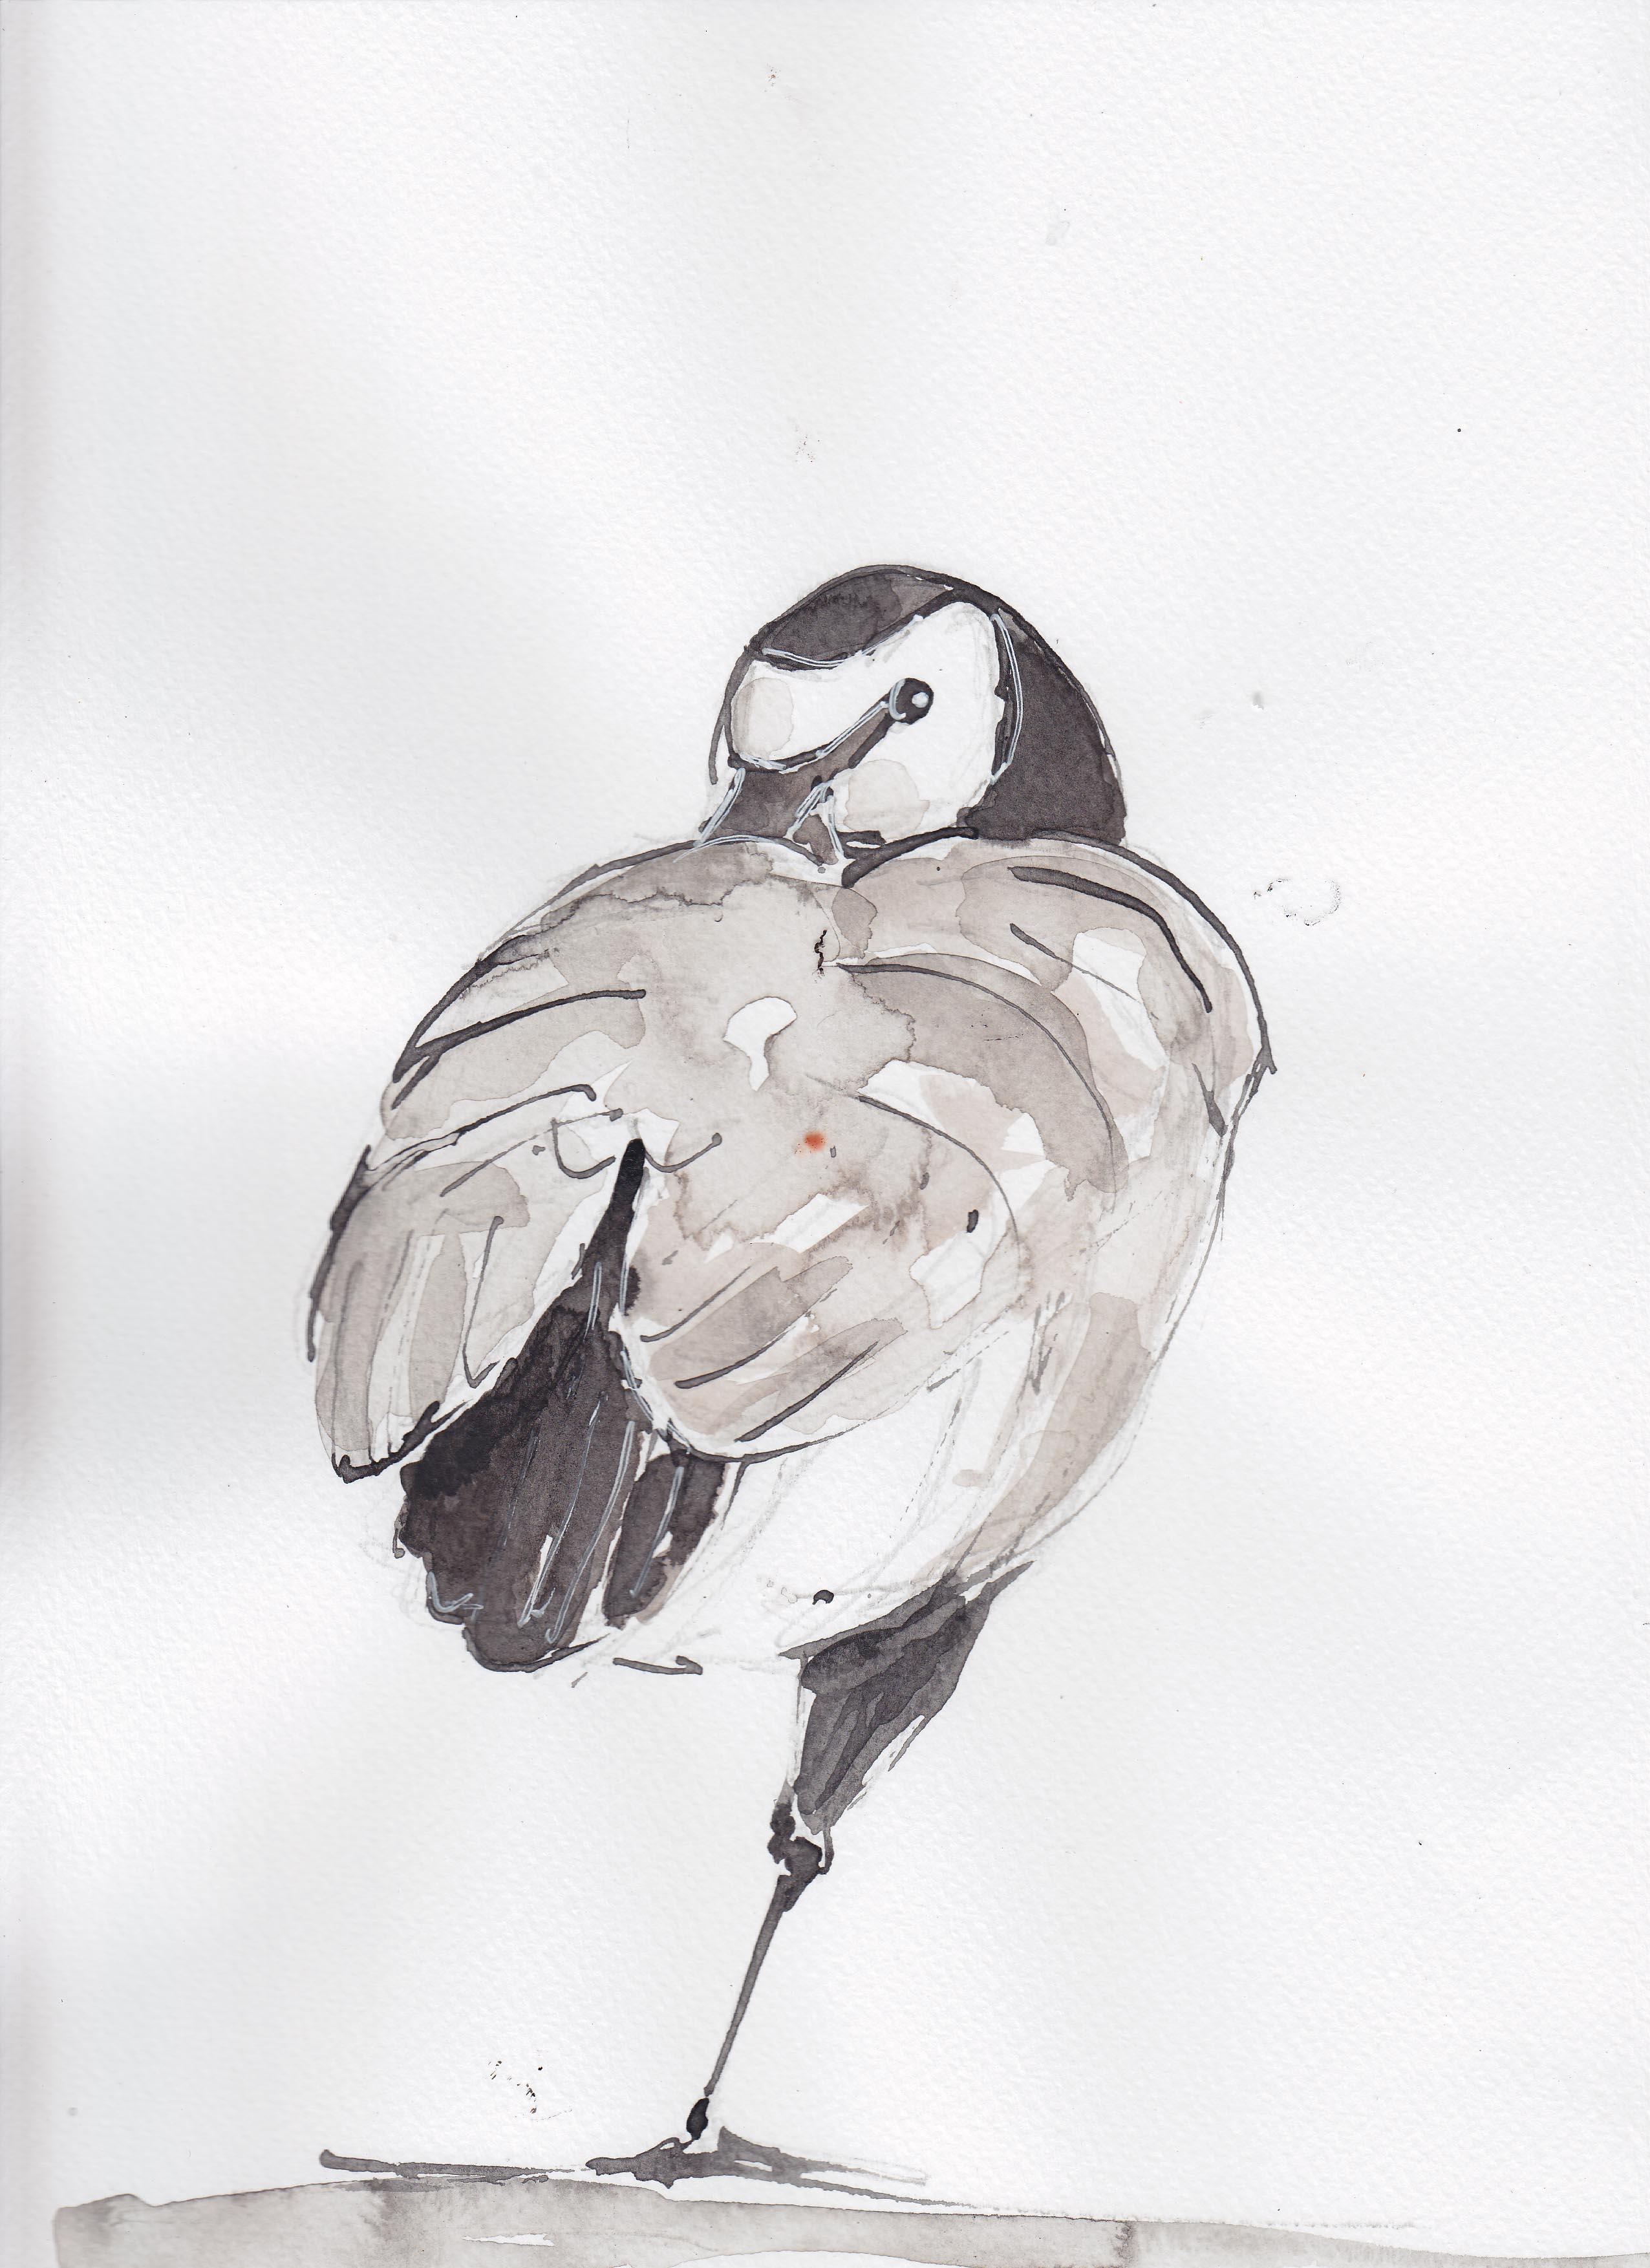 26 barnacle goose copy.jpg